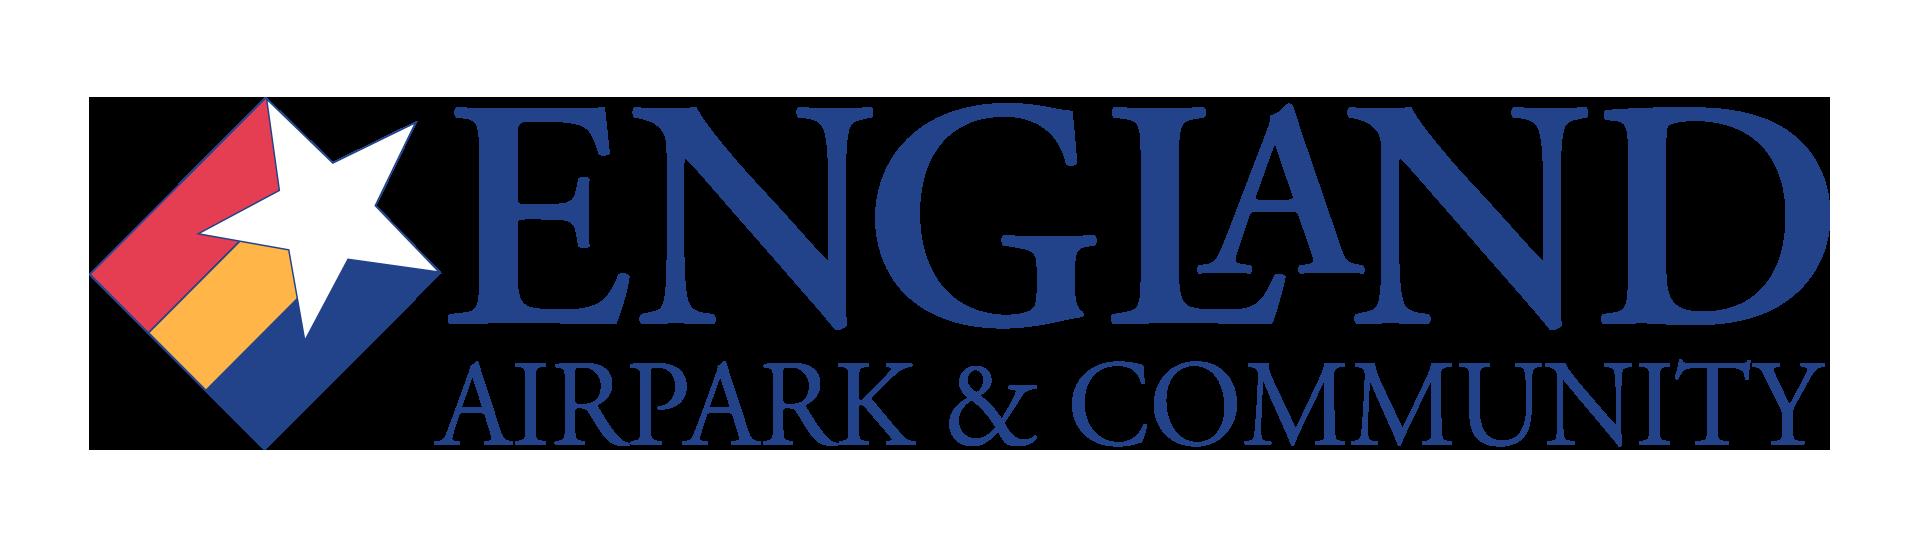 England-Airpark-Logo